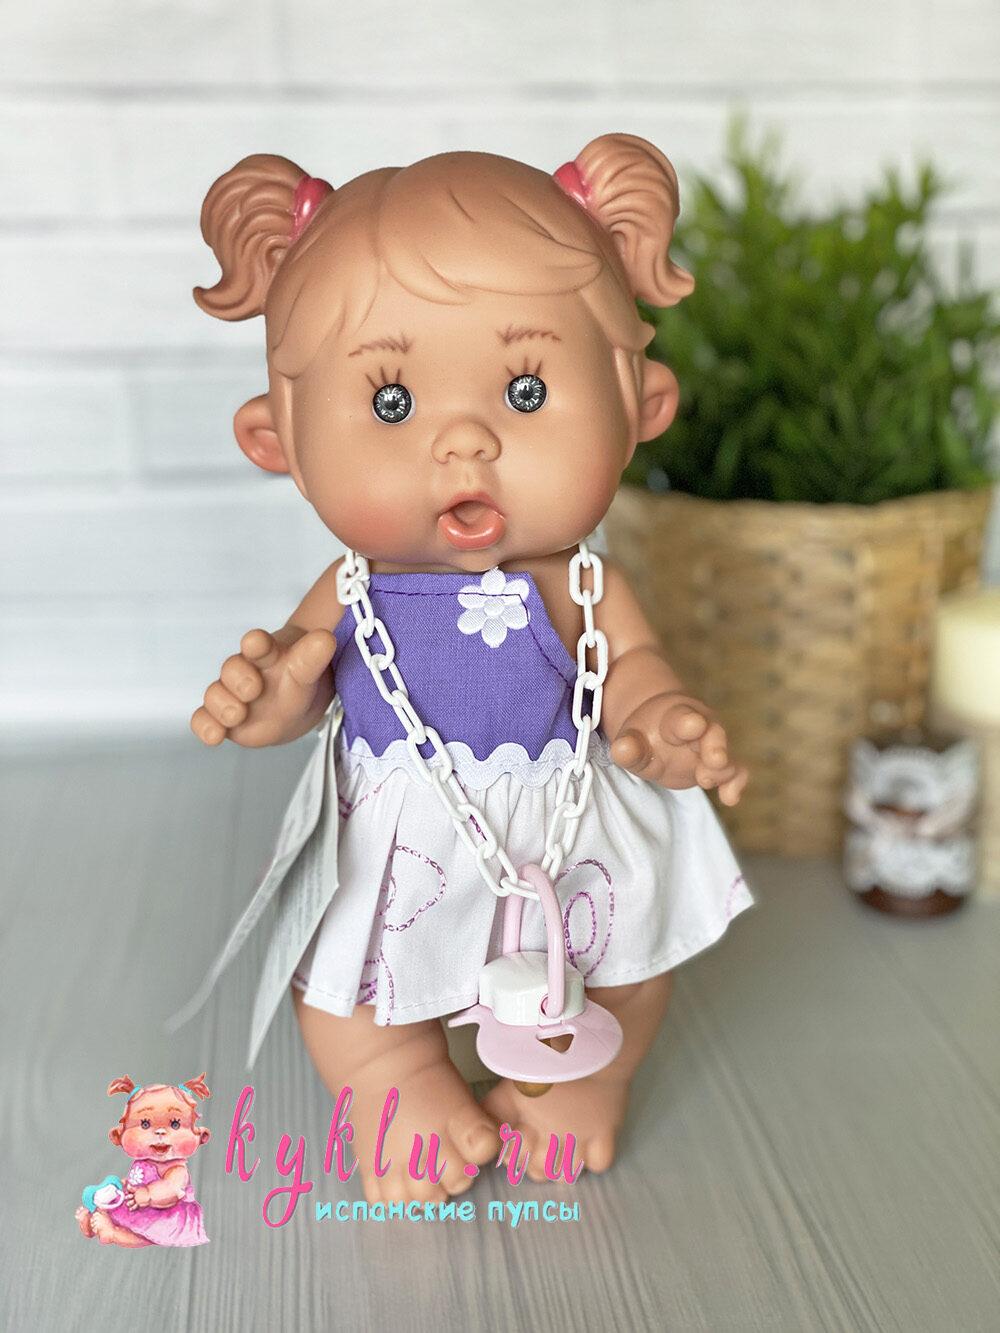 Пупс девочка с пушистыми хвостиками